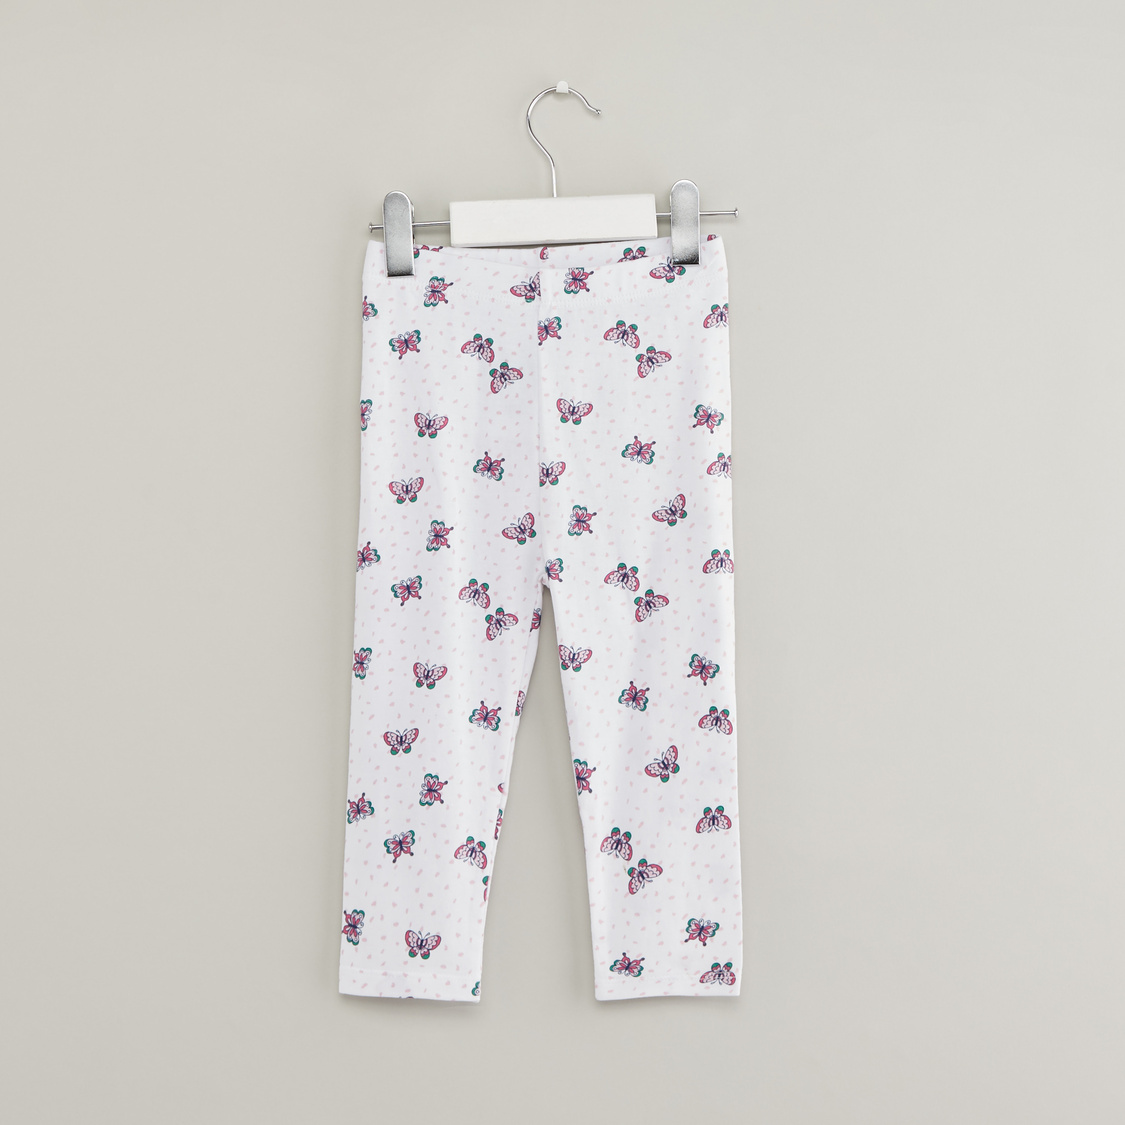 Butterfly Printed Leggings